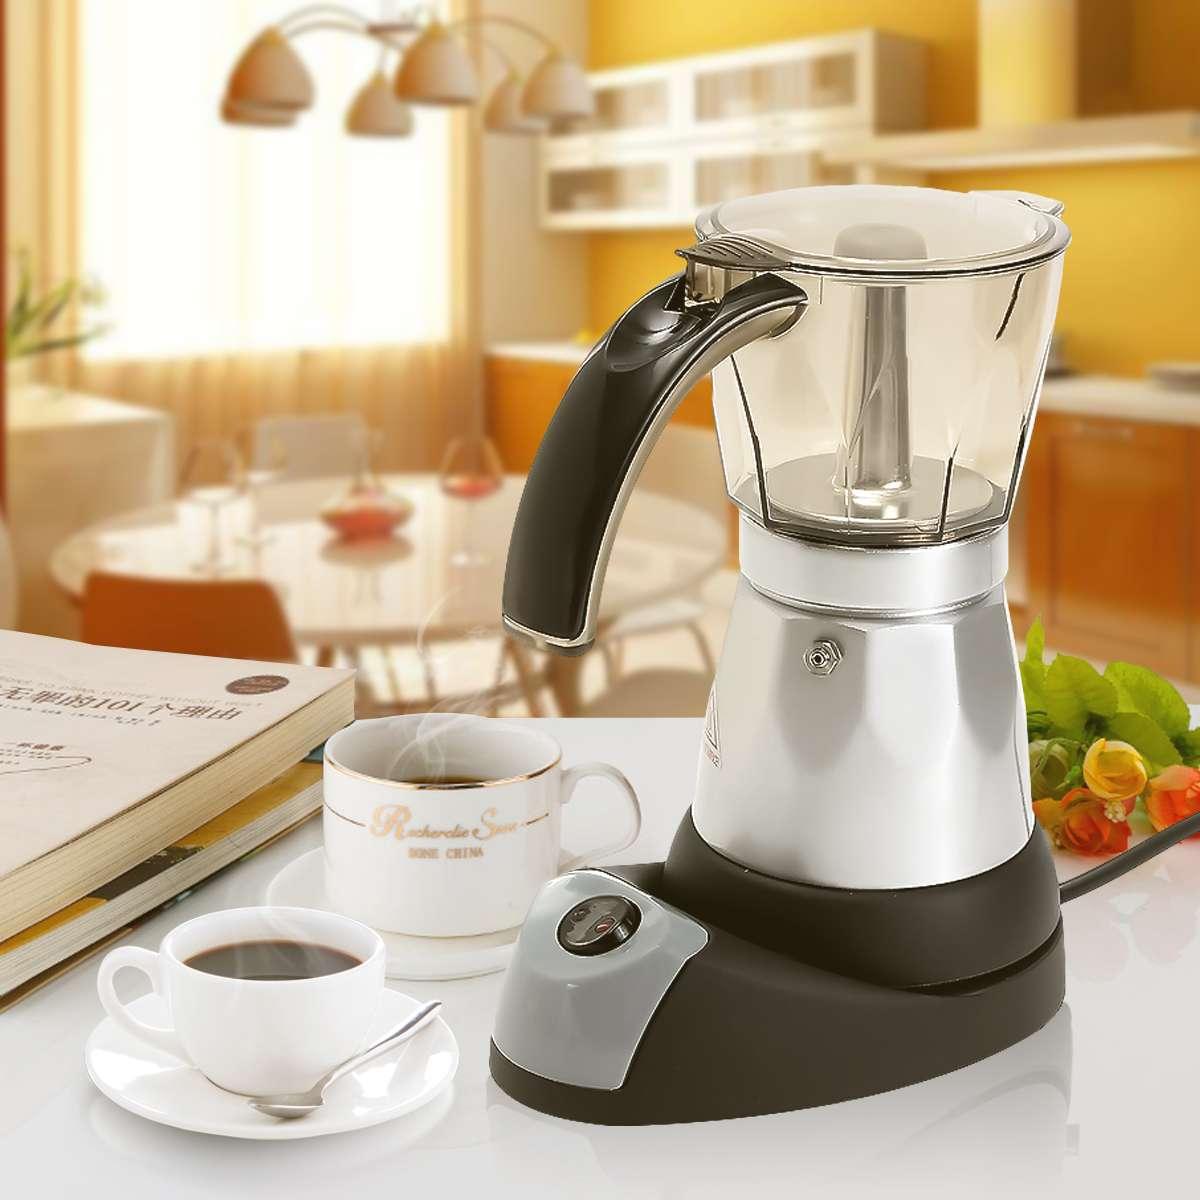 300 ml Mini cafetière électrique automatique Machine à café cuisine Cafetiere chauffage 6 tasses 3 minutes AU Plug 220-240 V théière